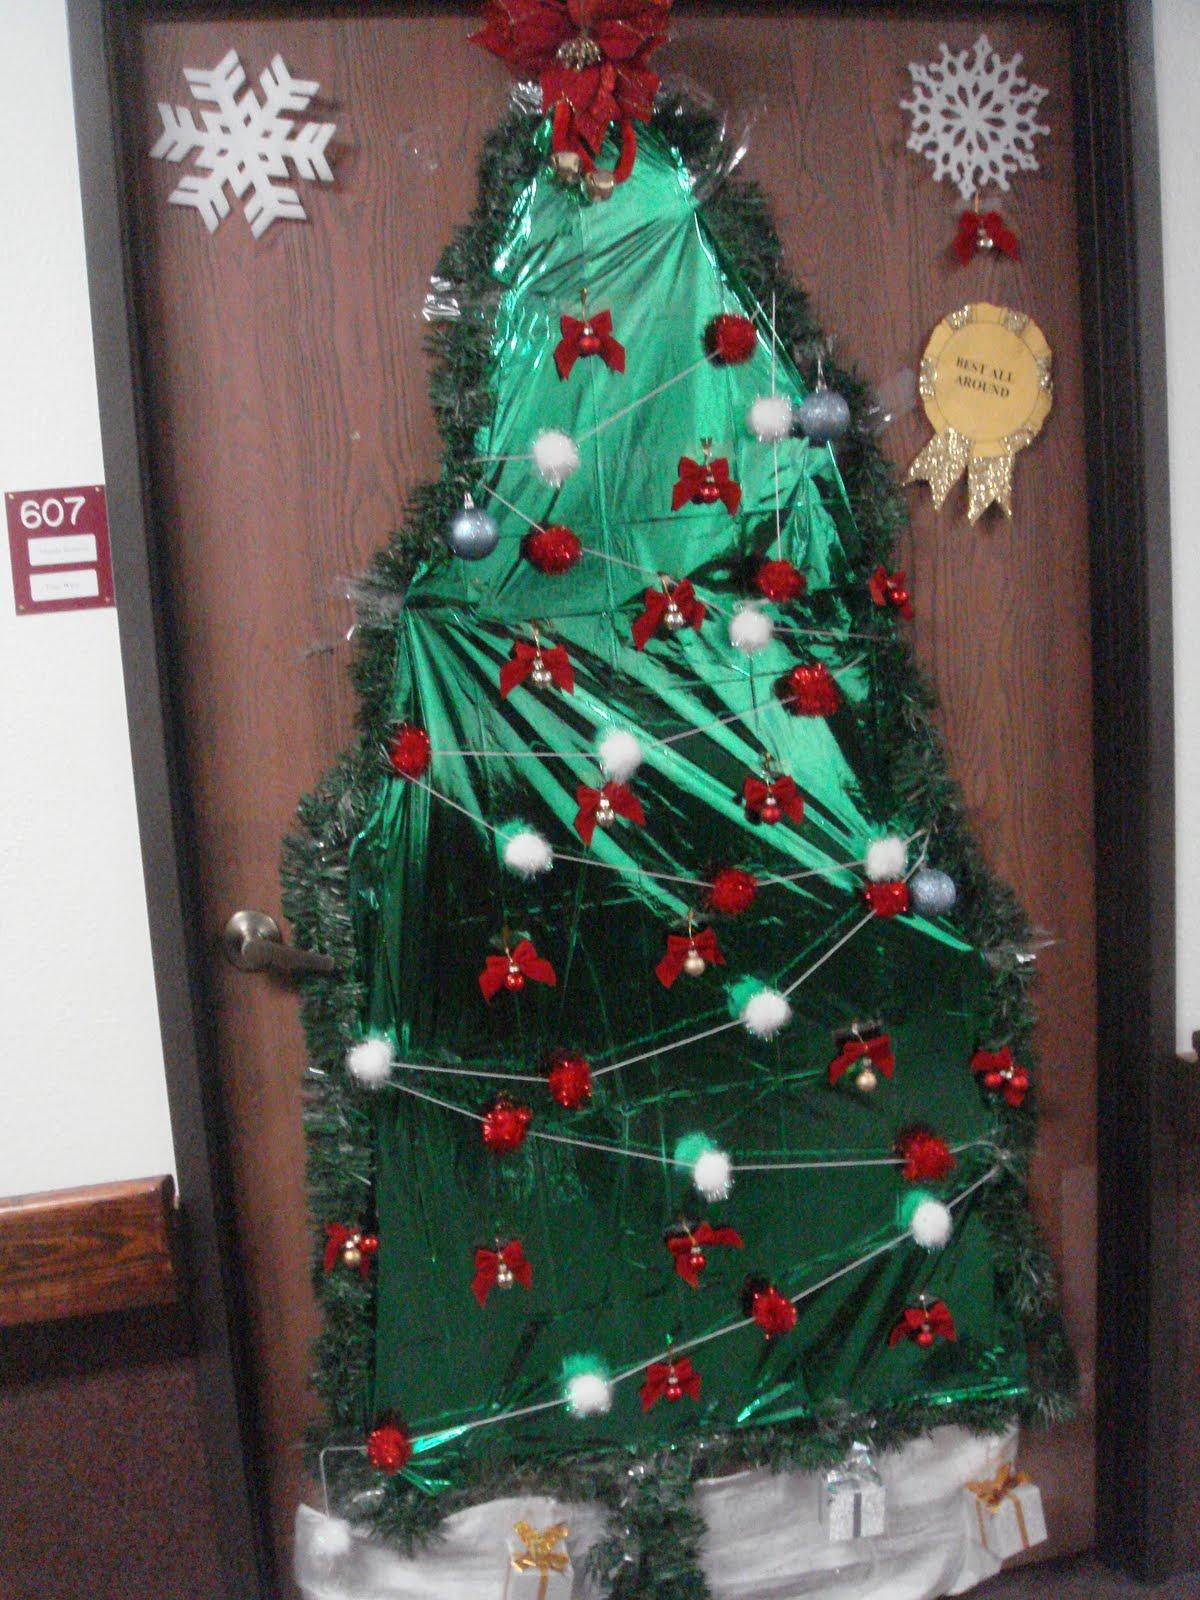 Joe M. O\'Connell: A nursing home Christmas